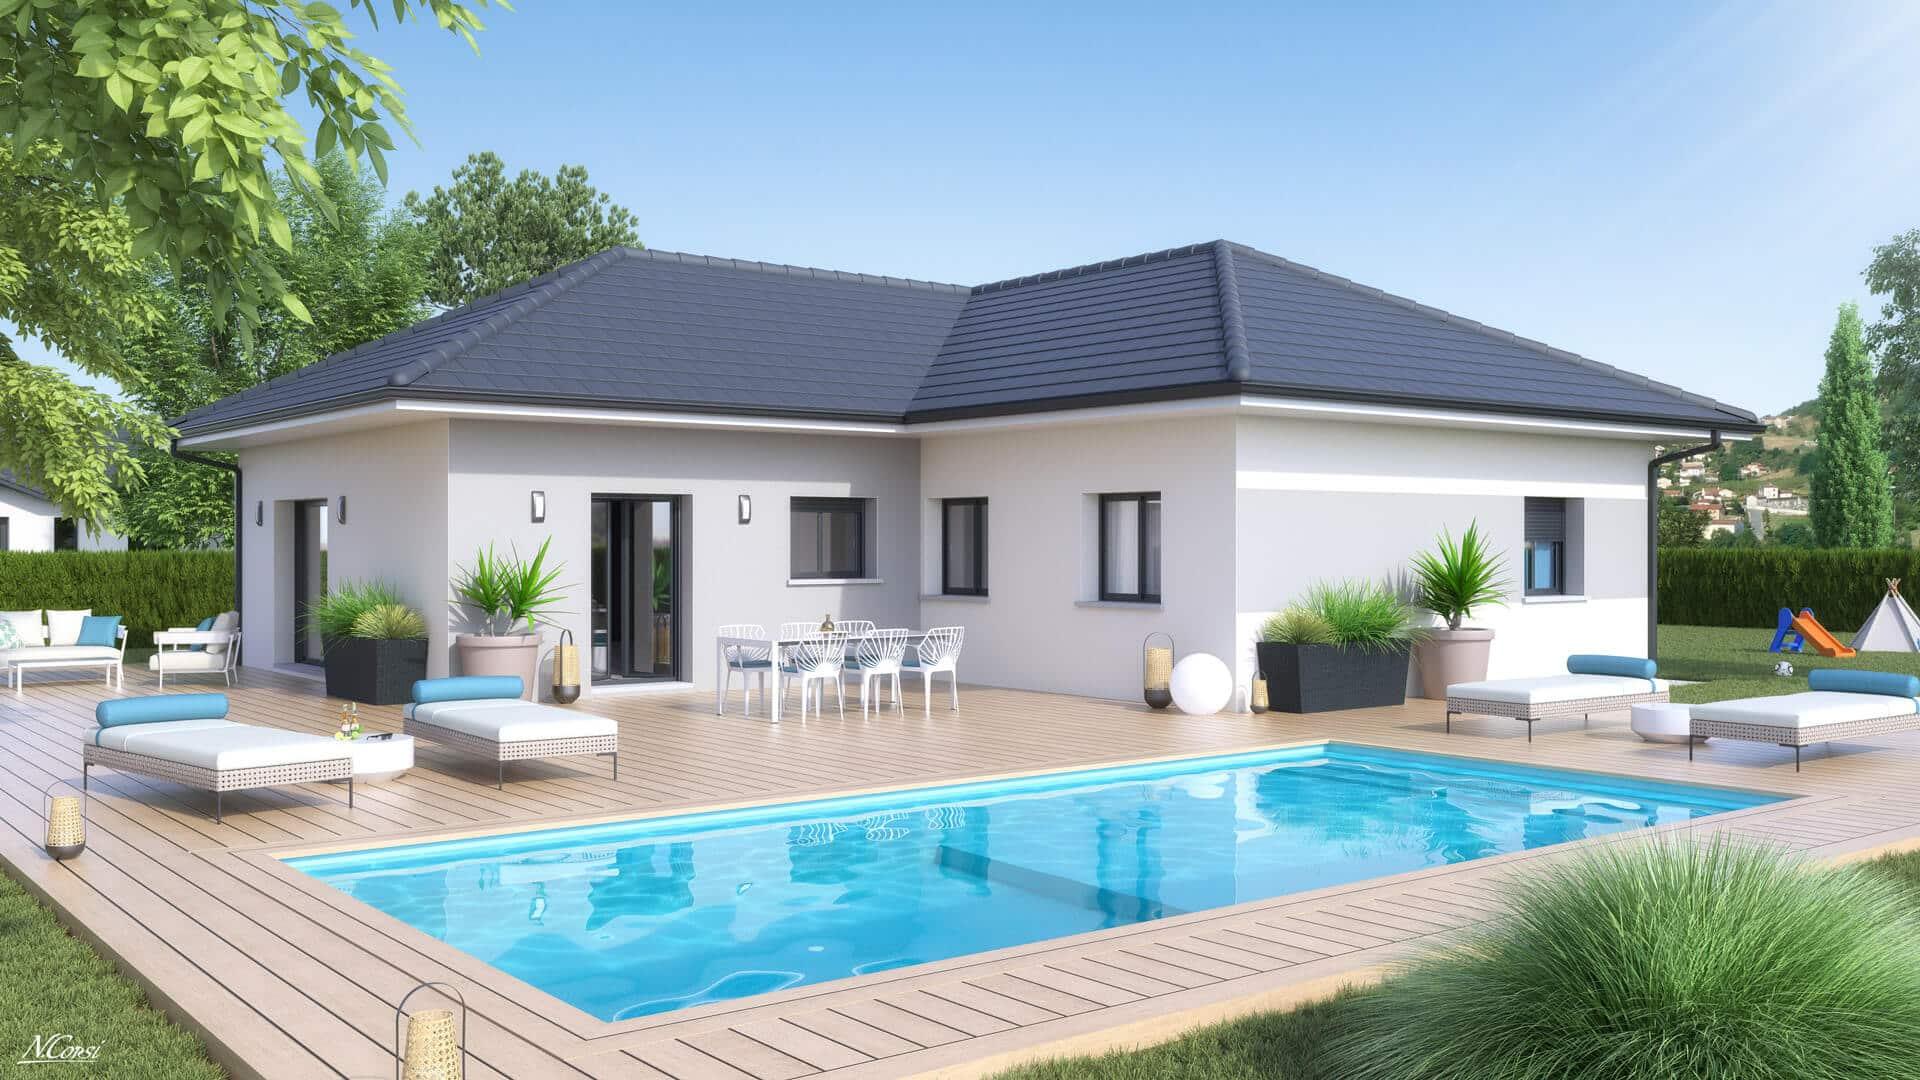 Plan Maison Gratuit De 80 A 110 M2 Maisons Clair Logis